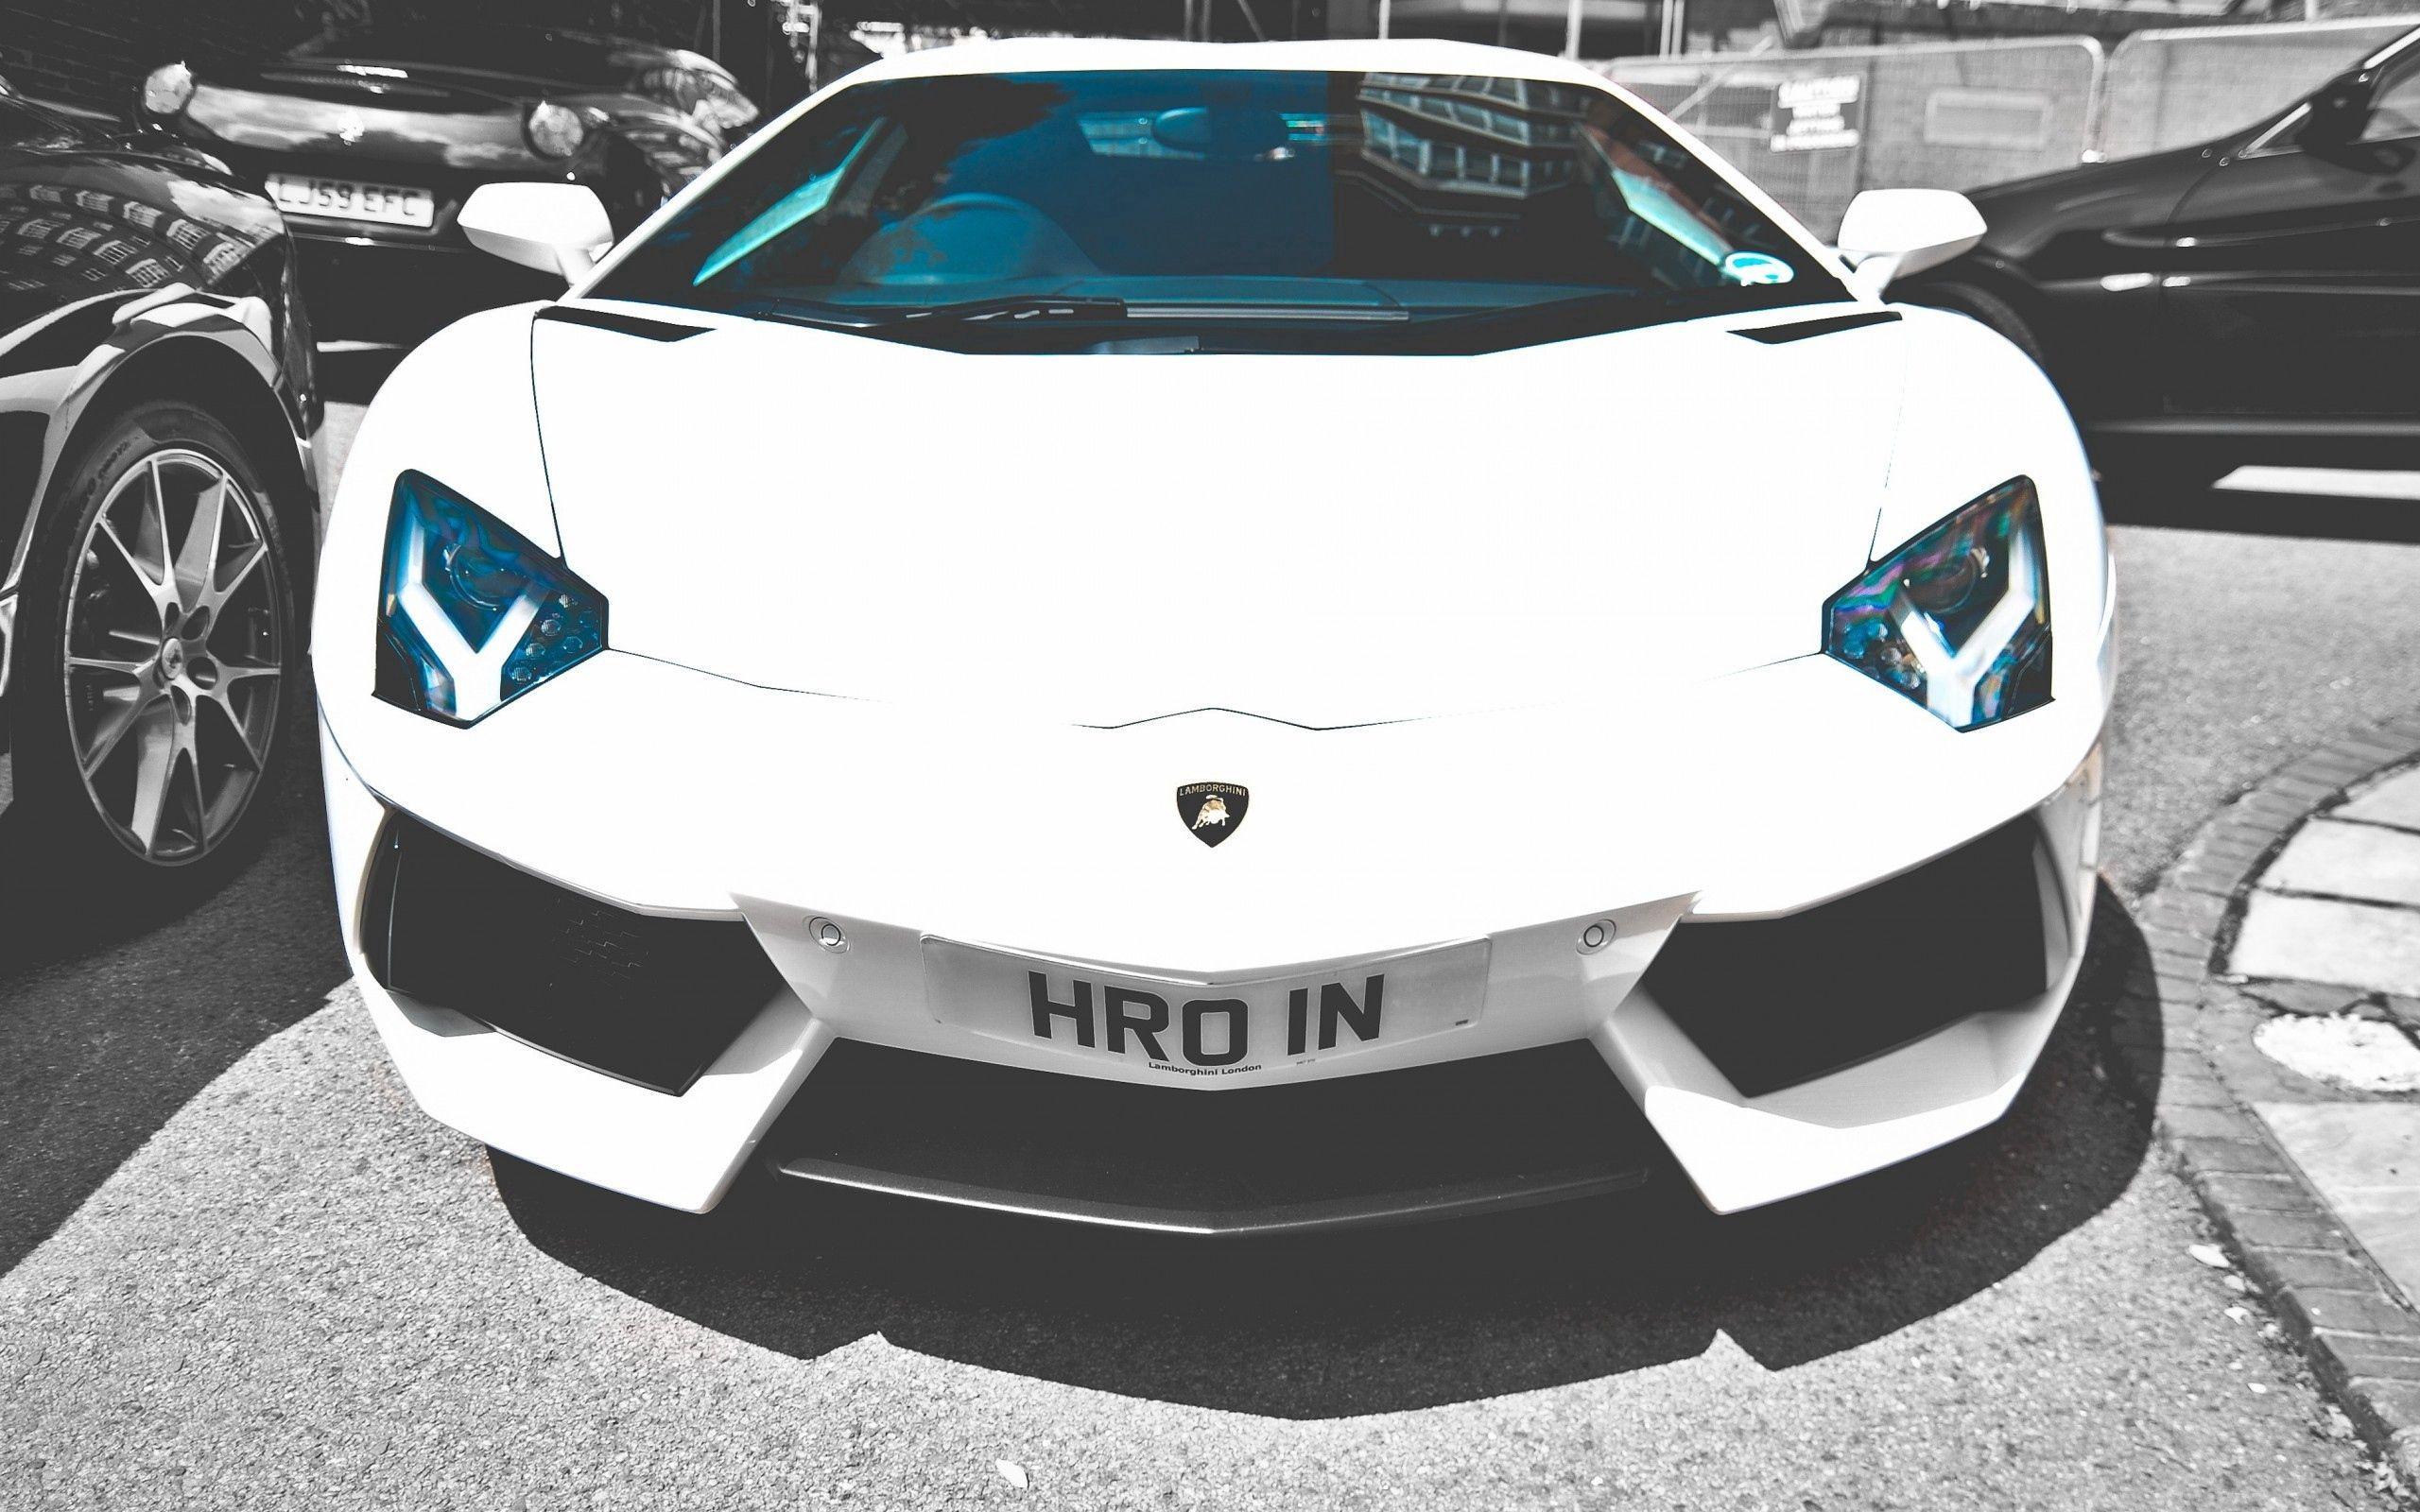 131558 Hintergrundbild 128x160 kostenlos auf deinem Handy, lade Bilder Auto, Lamborghini, Cars, Lamborghini Aventador Lp700-4 128x160 auf dein Handy herunter